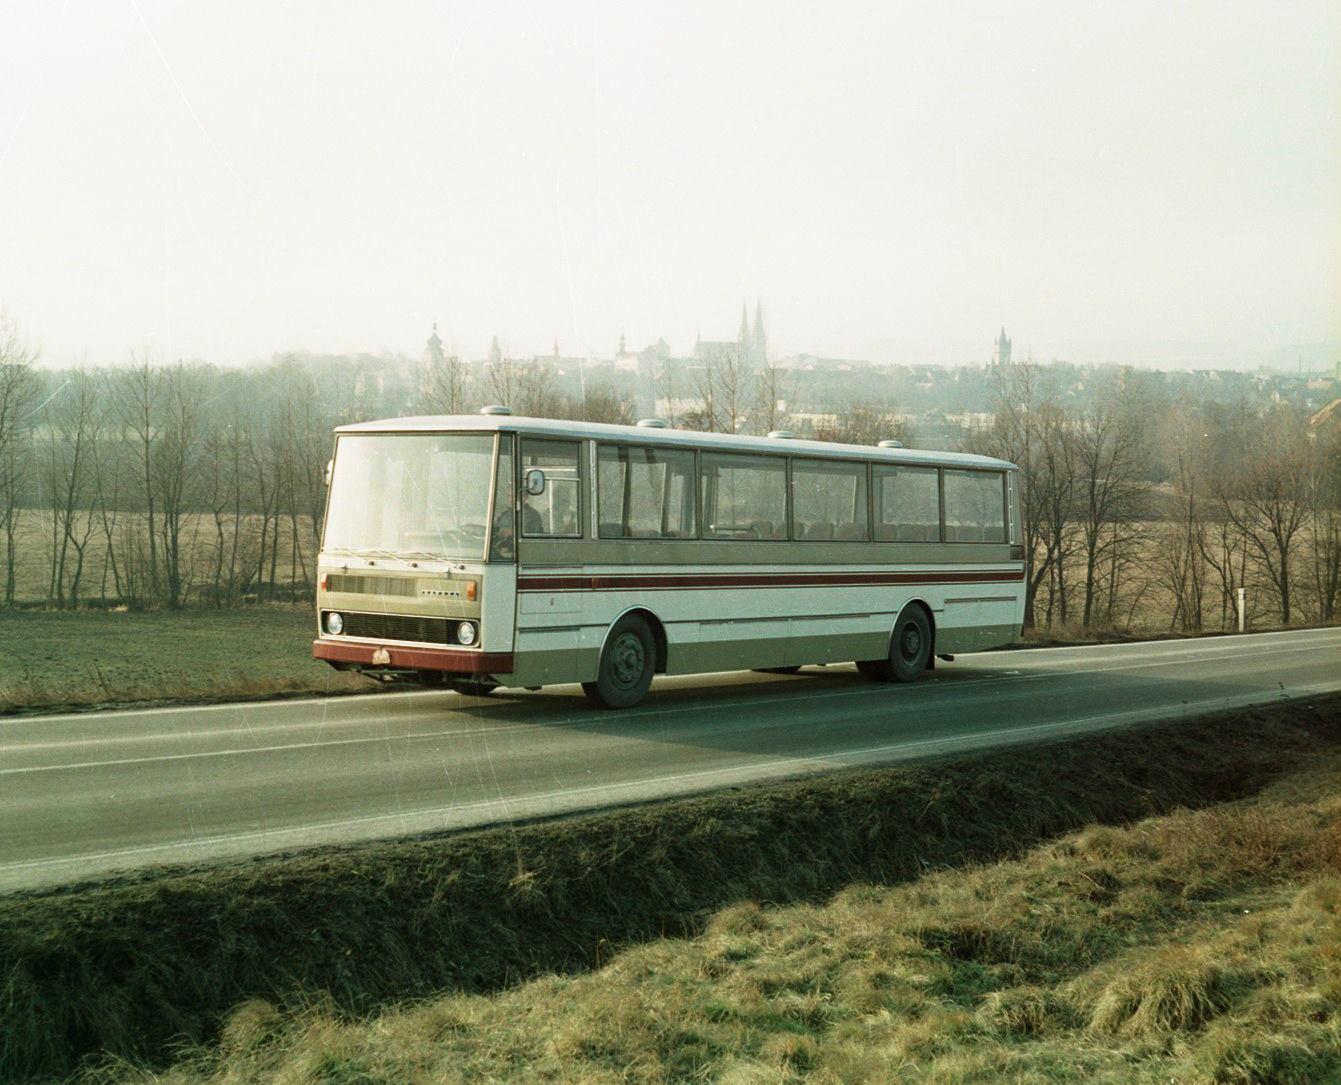 Eind-1973-werd-de-allereerste-bus-geproduceerd-in-een-zeer-succesvolle-serie-700-2